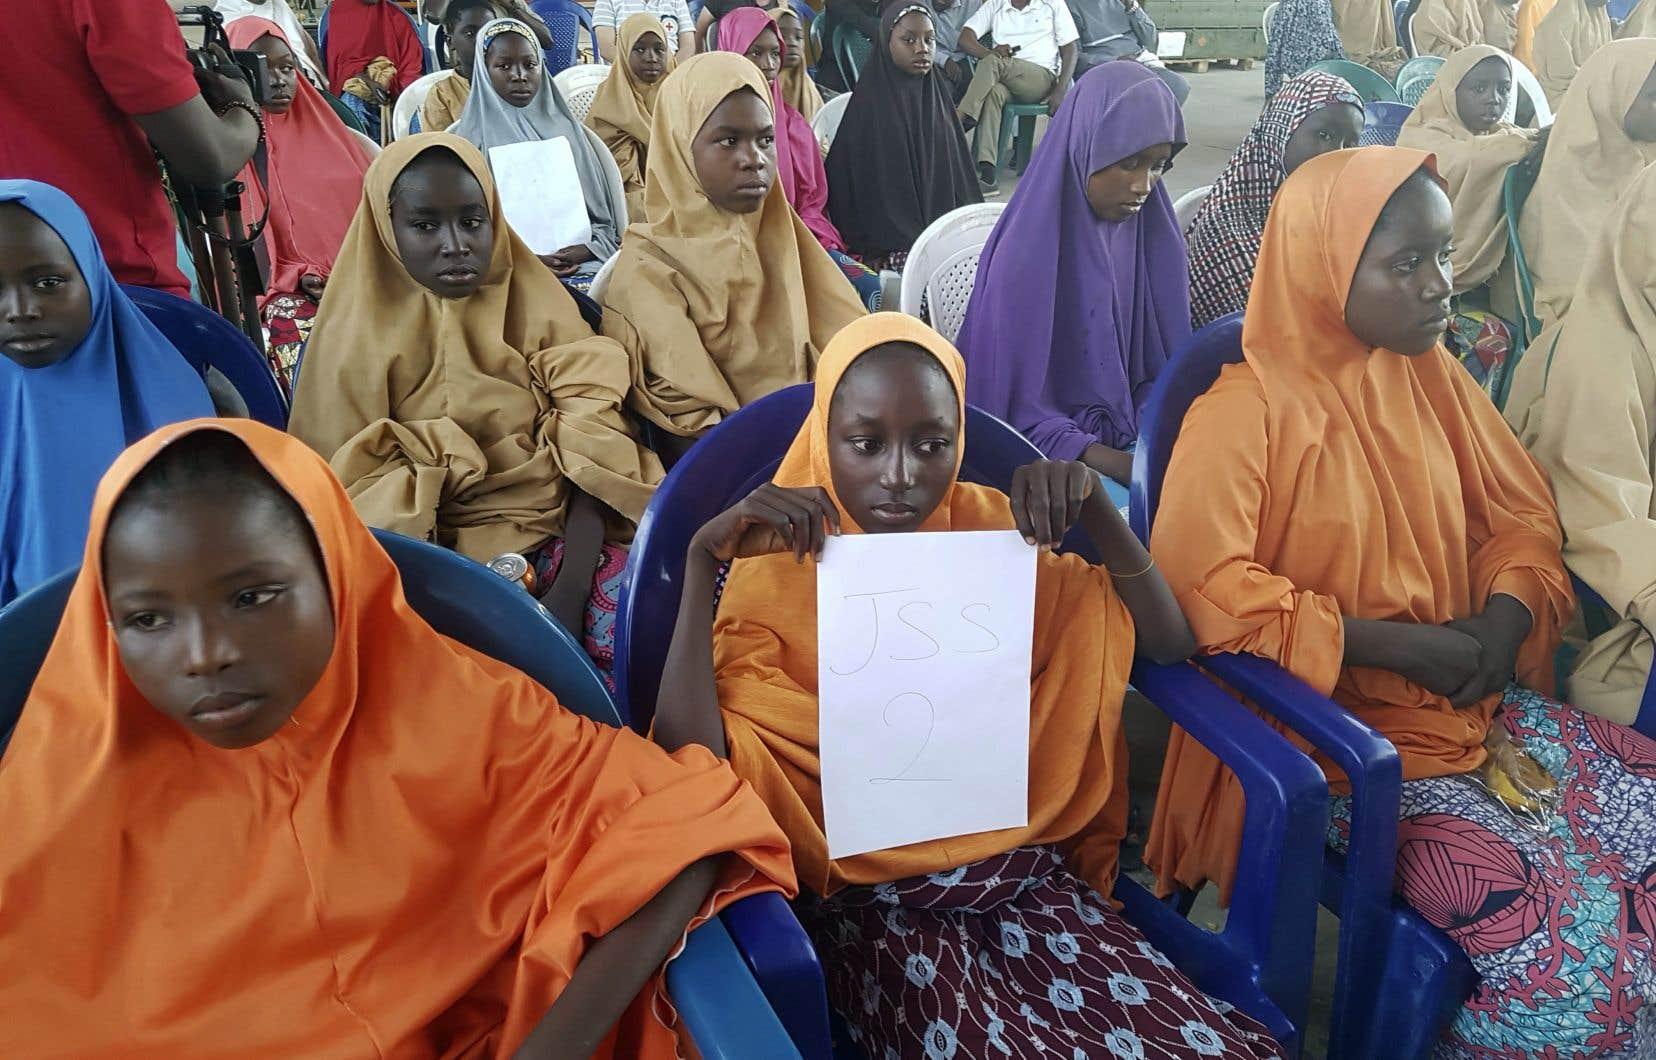 Au moins 104 adolescentes ont été ramenées par des membres de Boko Haram, à bord de neuf camions, aux premières heures de la journée, selon le gouvernement.